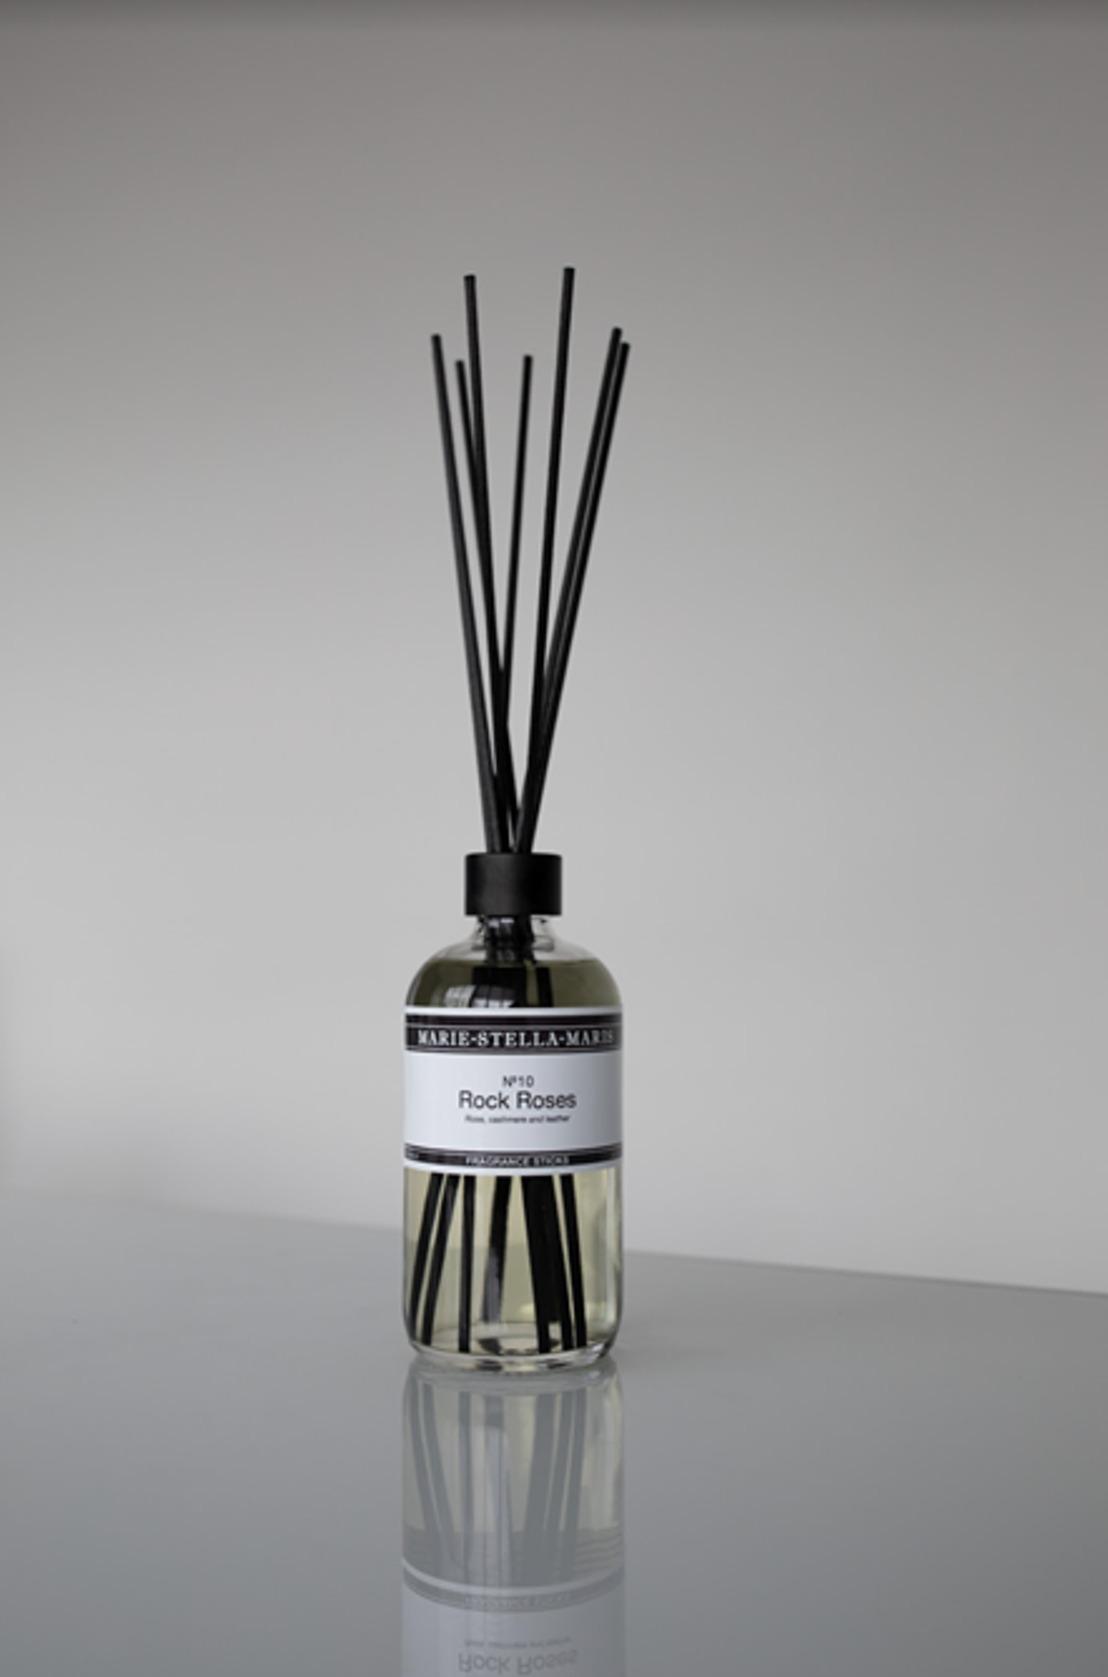 Marie-Stella-Maris présente sa nouvelle fragrance, baptisée No. 10 Rock Roses